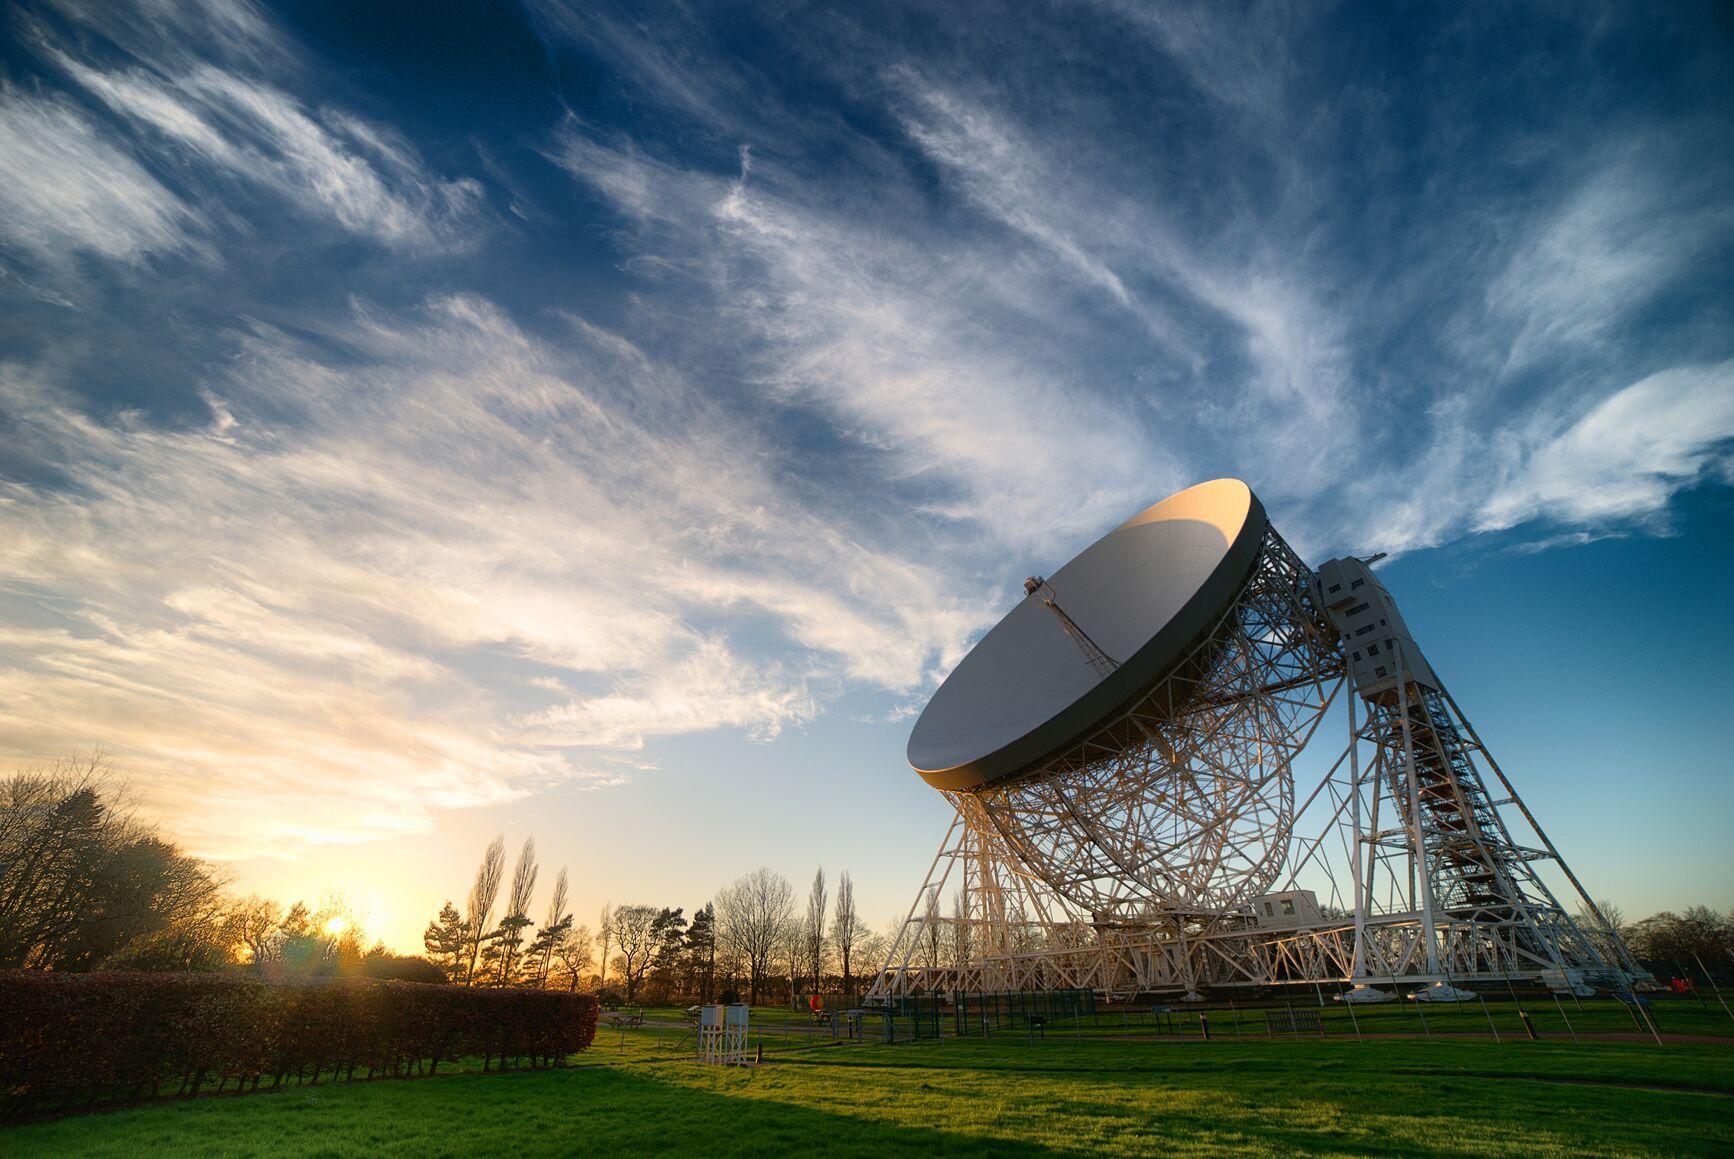 Lovell Telescope - Anthony Holloway